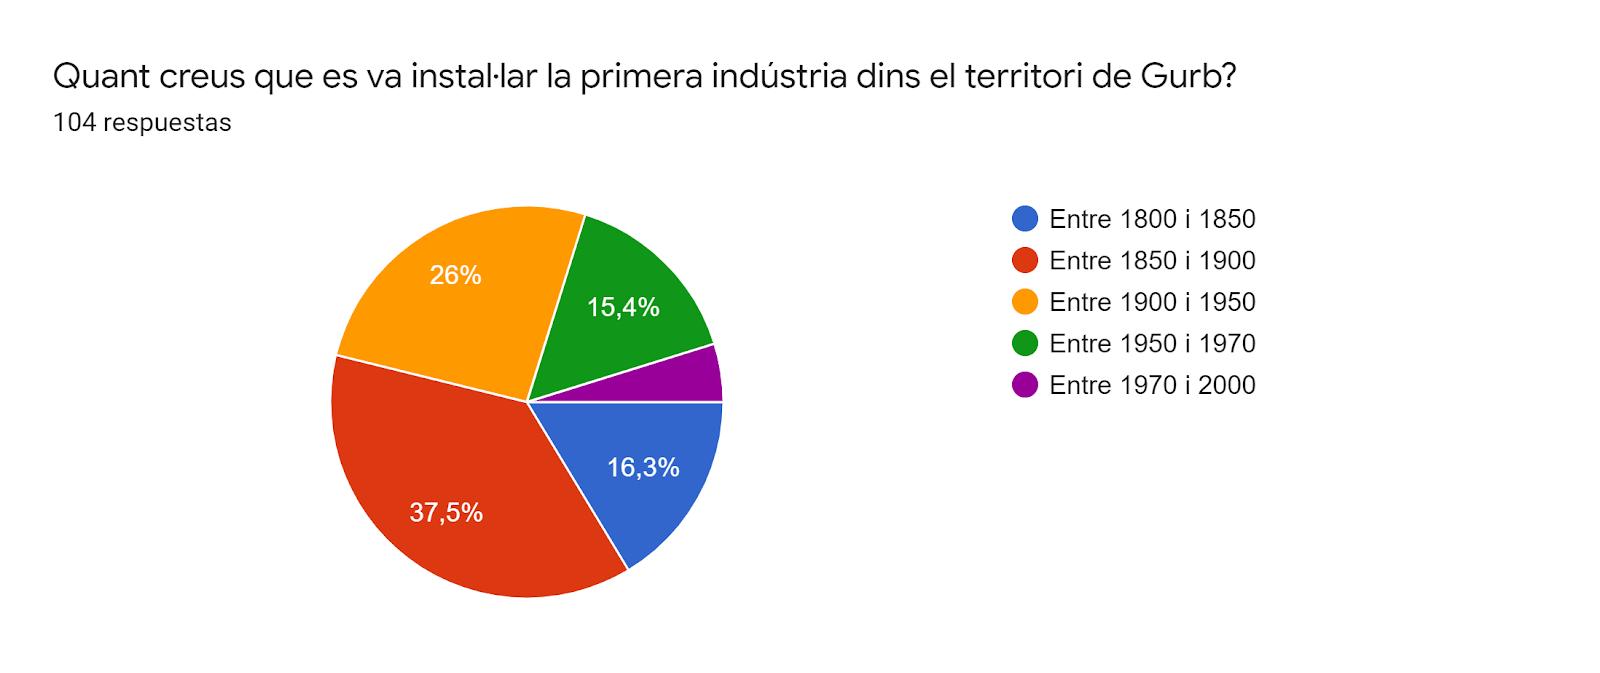 Gráfico de respuestas de formularios. Título de la pregunta:Quant creus que es va instal·lar la primera indústria dins el territori de Gurb? . Número de respuestas:104 respuestas.